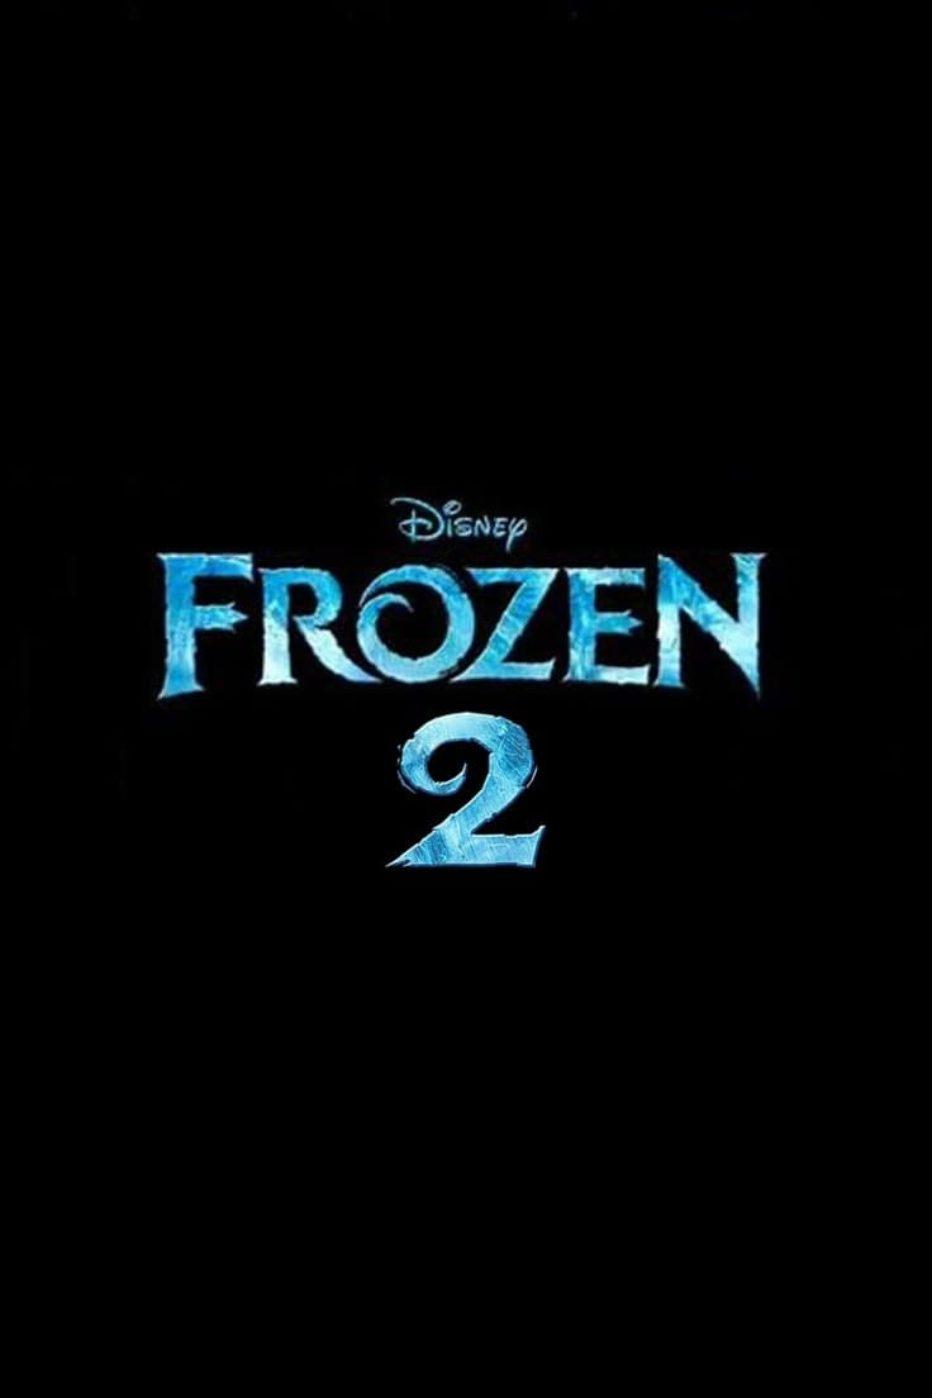 Frozen 2 | Primer Teaser Tráiler Oficial en español